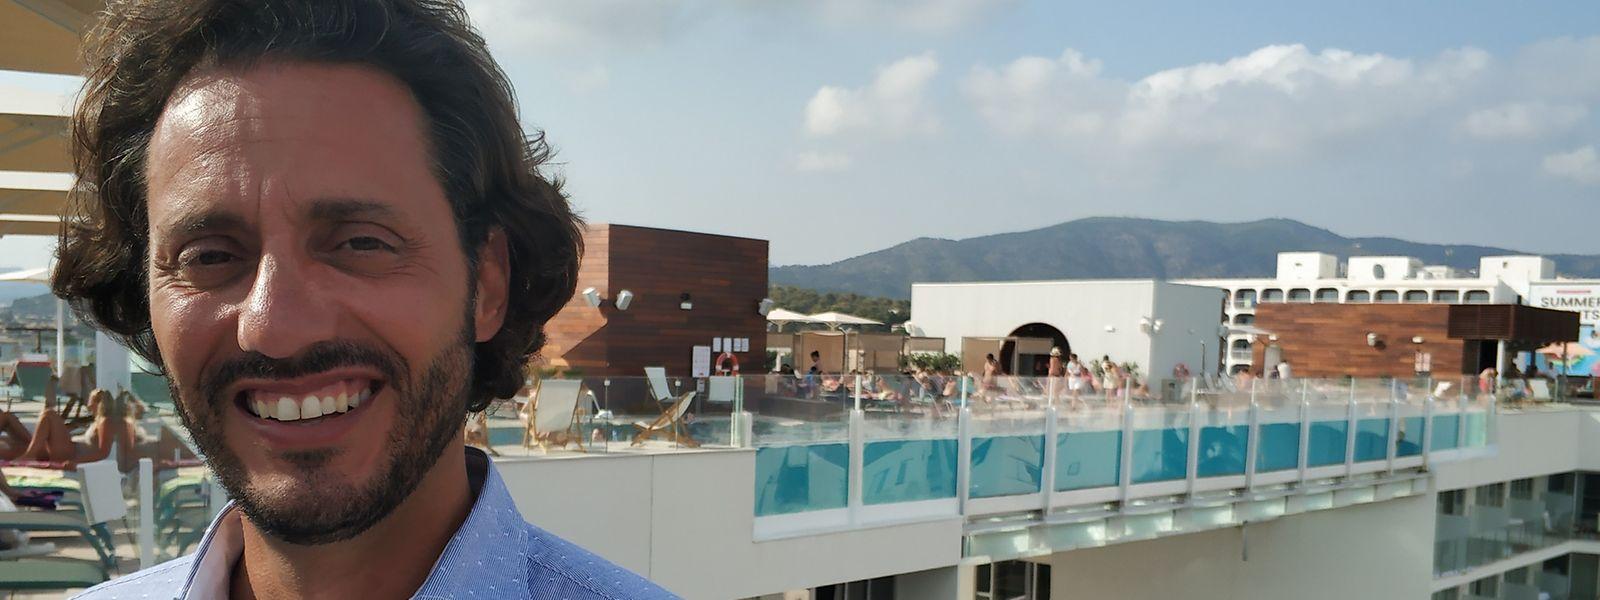 Hoteldirektor Rubén Llach – hier zu sehen vor dem transparenten Pool, der viele Gäste anlockt – glaubt, dass sich Magaluf verändern muss, um auch in Zukunft Erfolg zu haben.